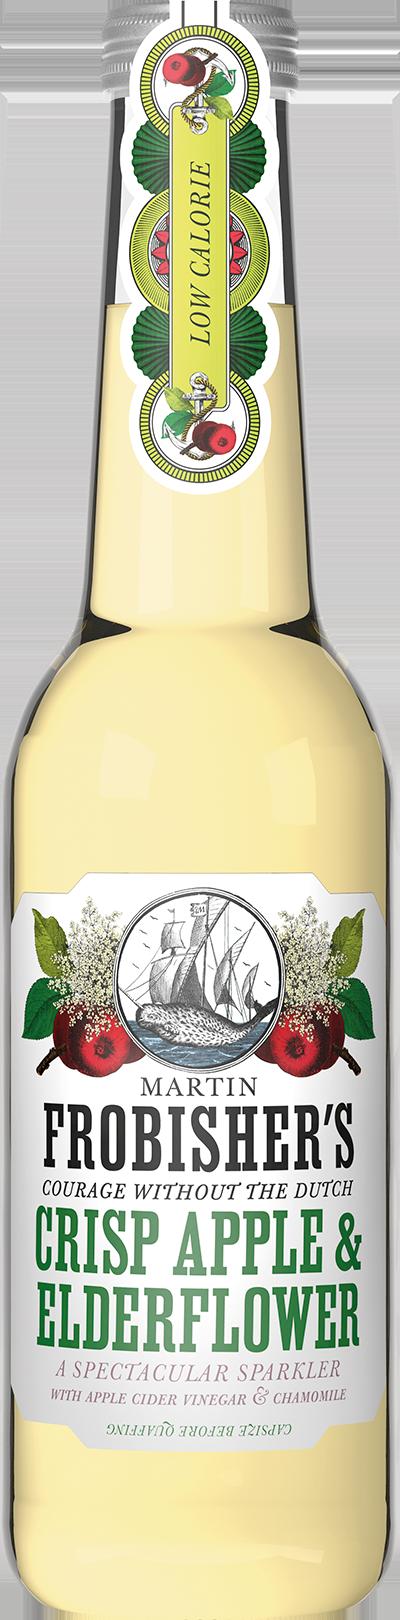 Crisp Apple & Elderflower